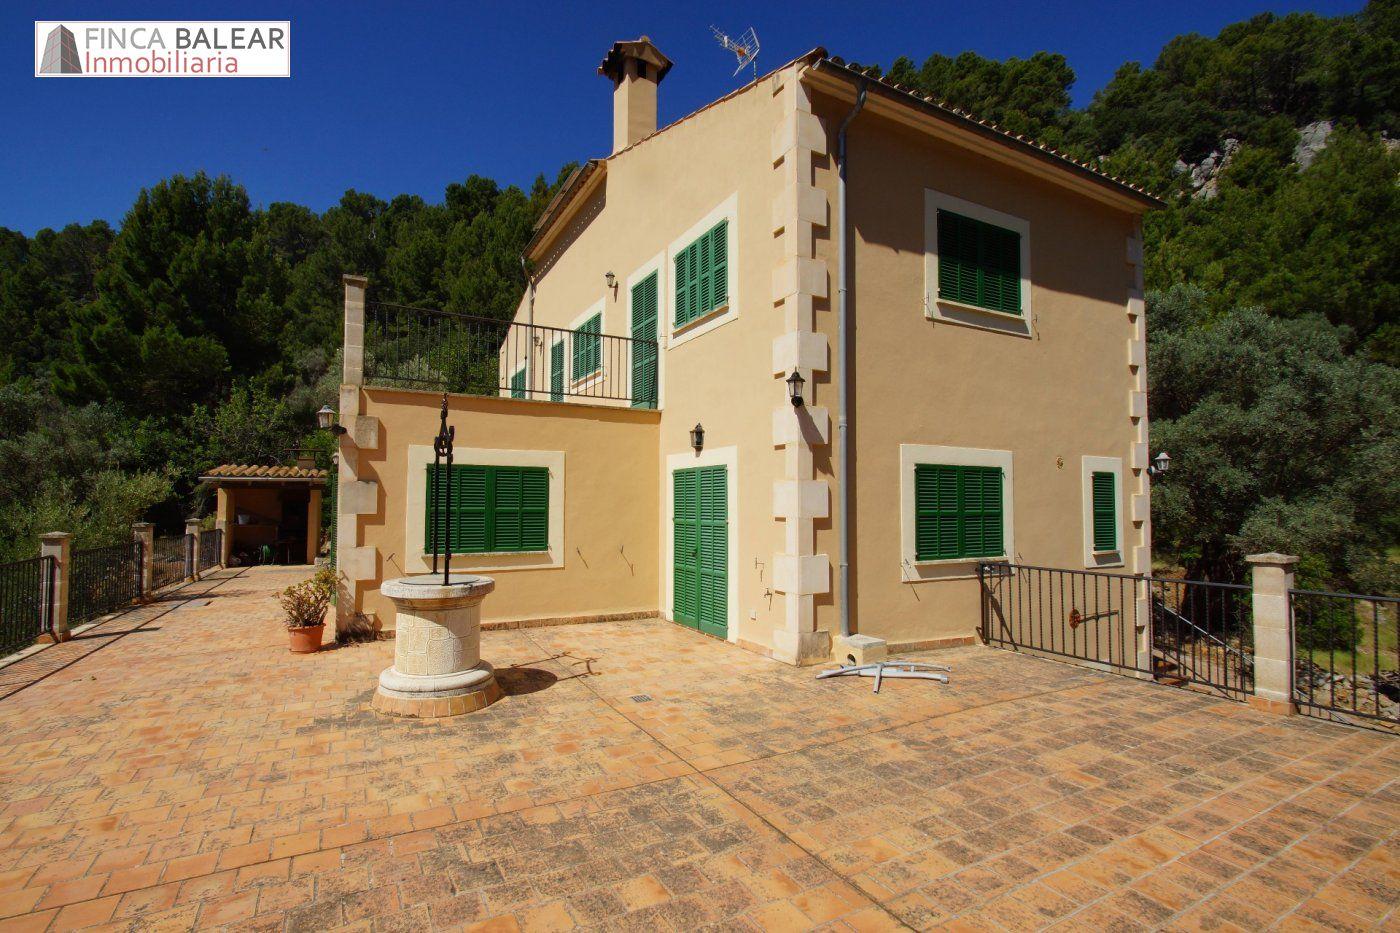 Rent House  Bunyola ,alfabia. Alquiler finca rústica de montaña ubicada en bunyola con vistas